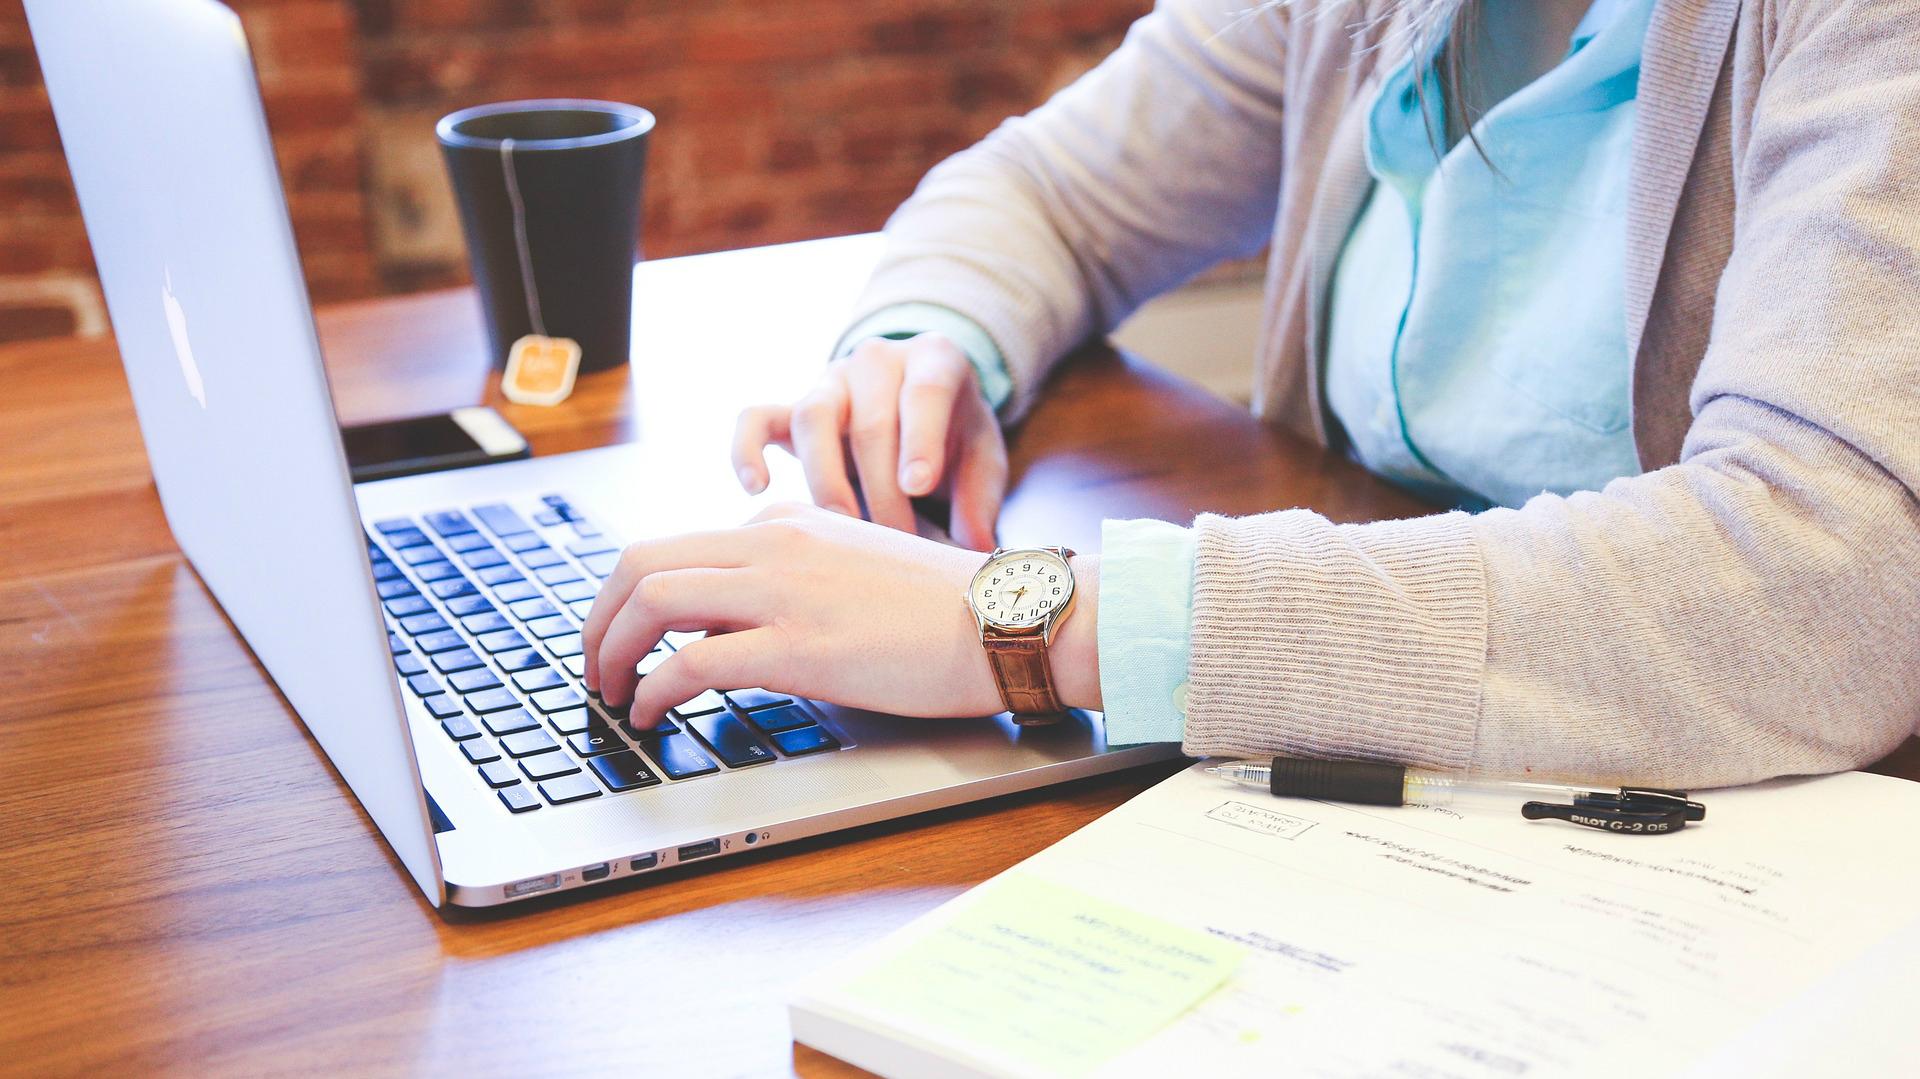 Kā nopelnīt naudu tiešsaistē, kā nopelnīt naudu. Kā nopelnīt naudu internetā - reāli veidi